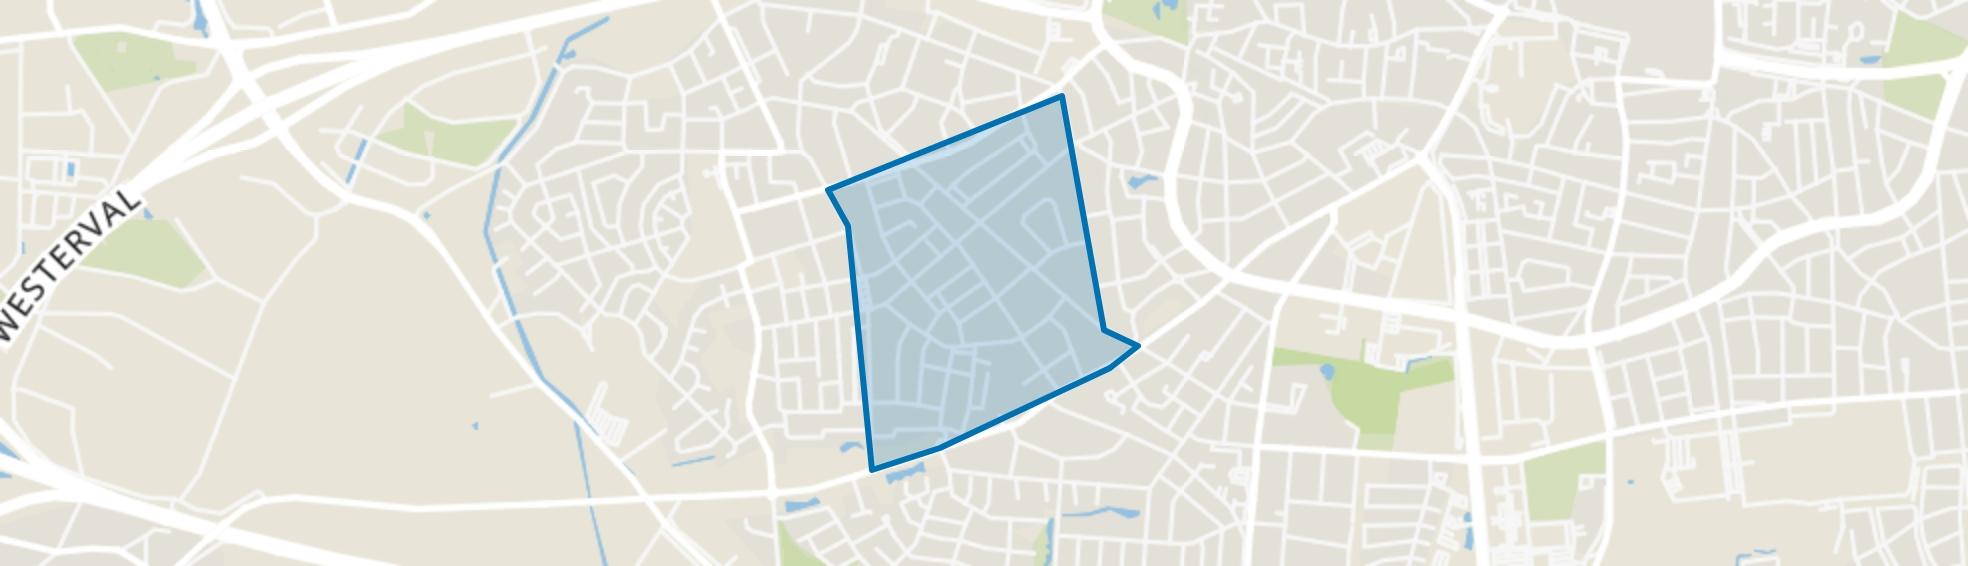 Stevenfenne, Enschede map